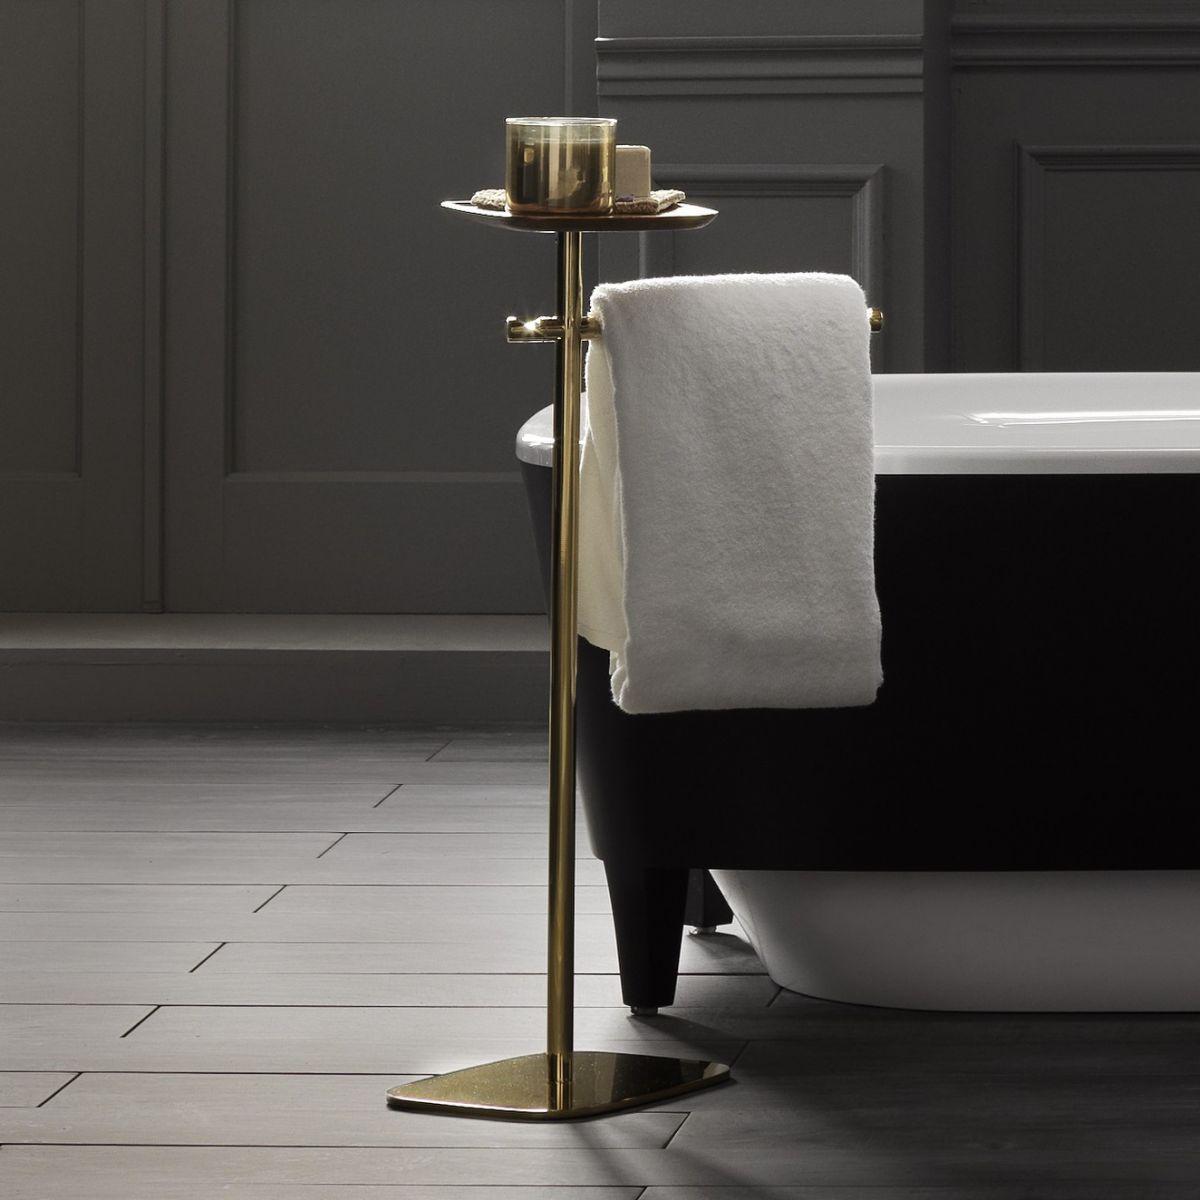 Gold Standing Towel Rack